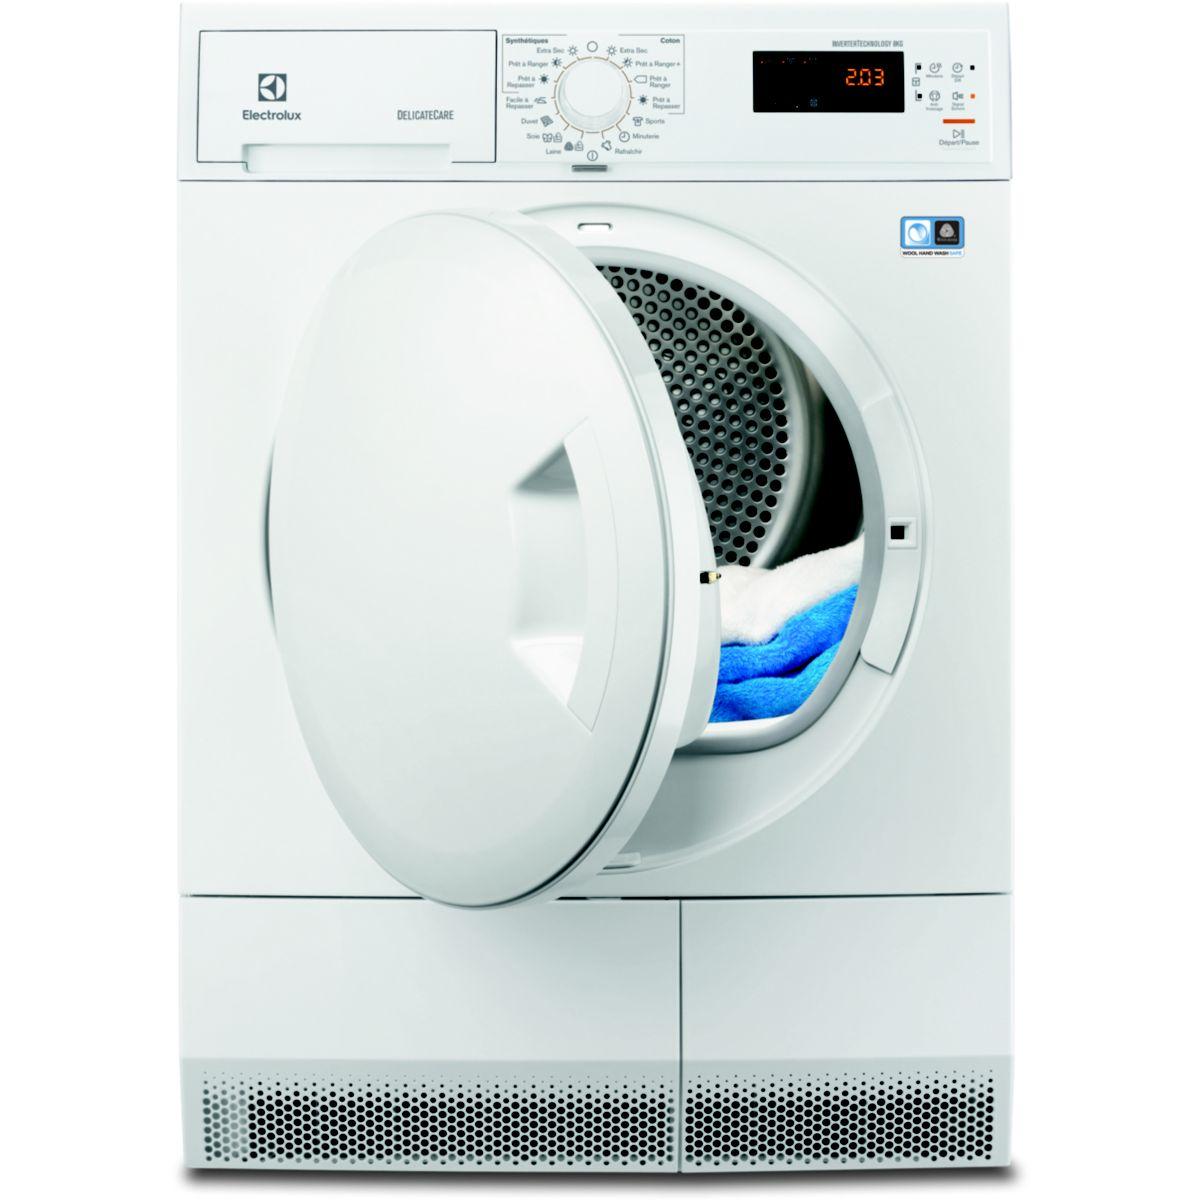 electrolux edh3682pss s che linge condensation 8 kg. Black Bedroom Furniture Sets. Home Design Ideas